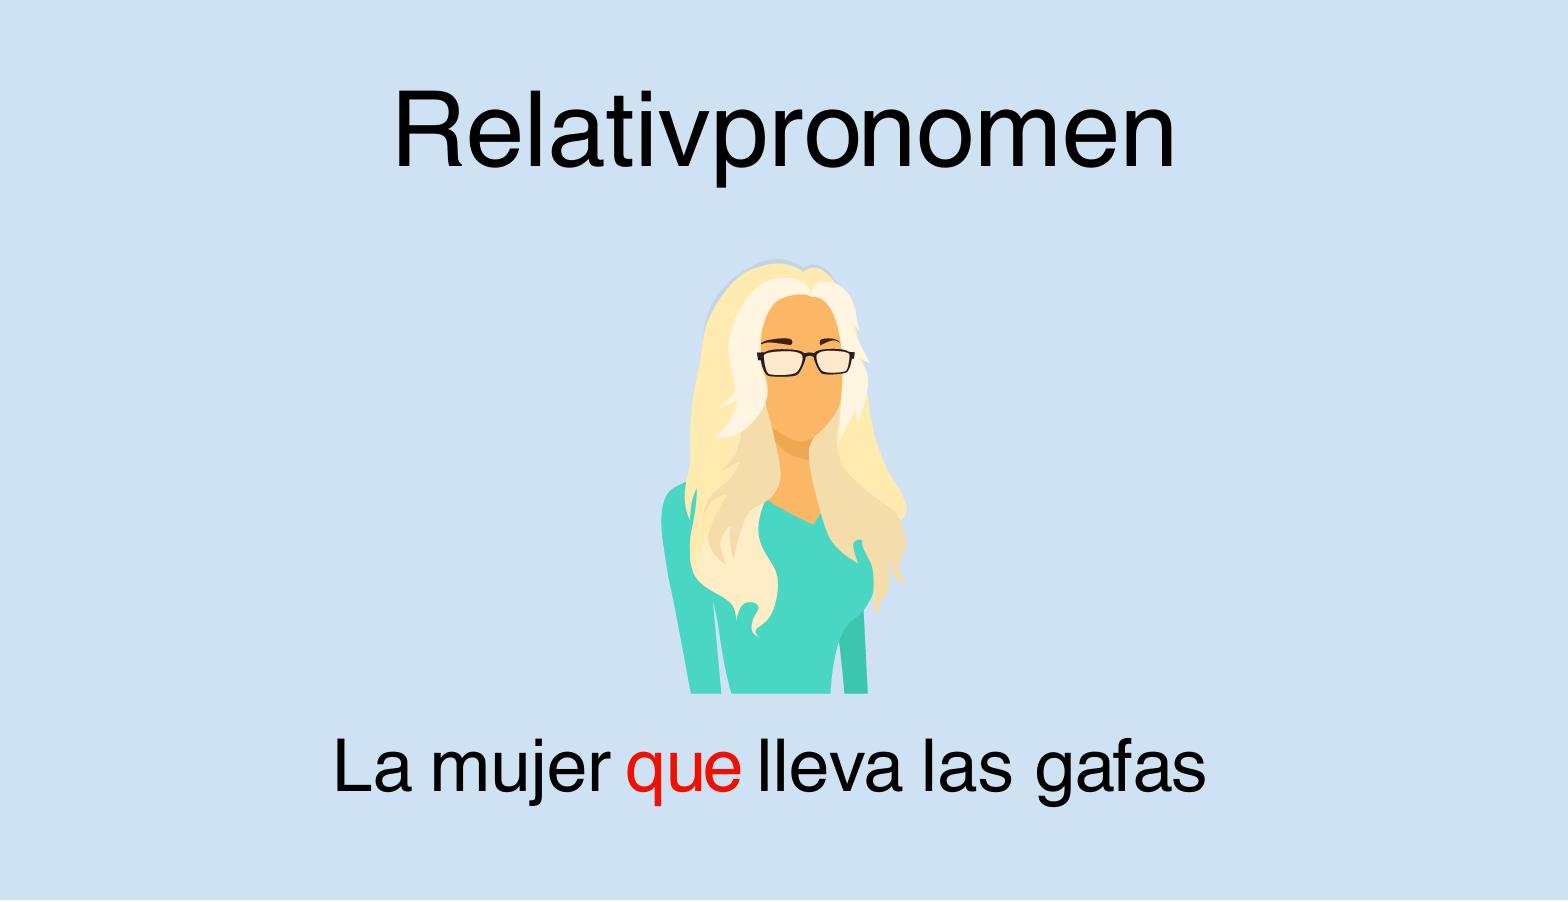 Spanische Relativpronomen (quien, donde, cuyo, ...)